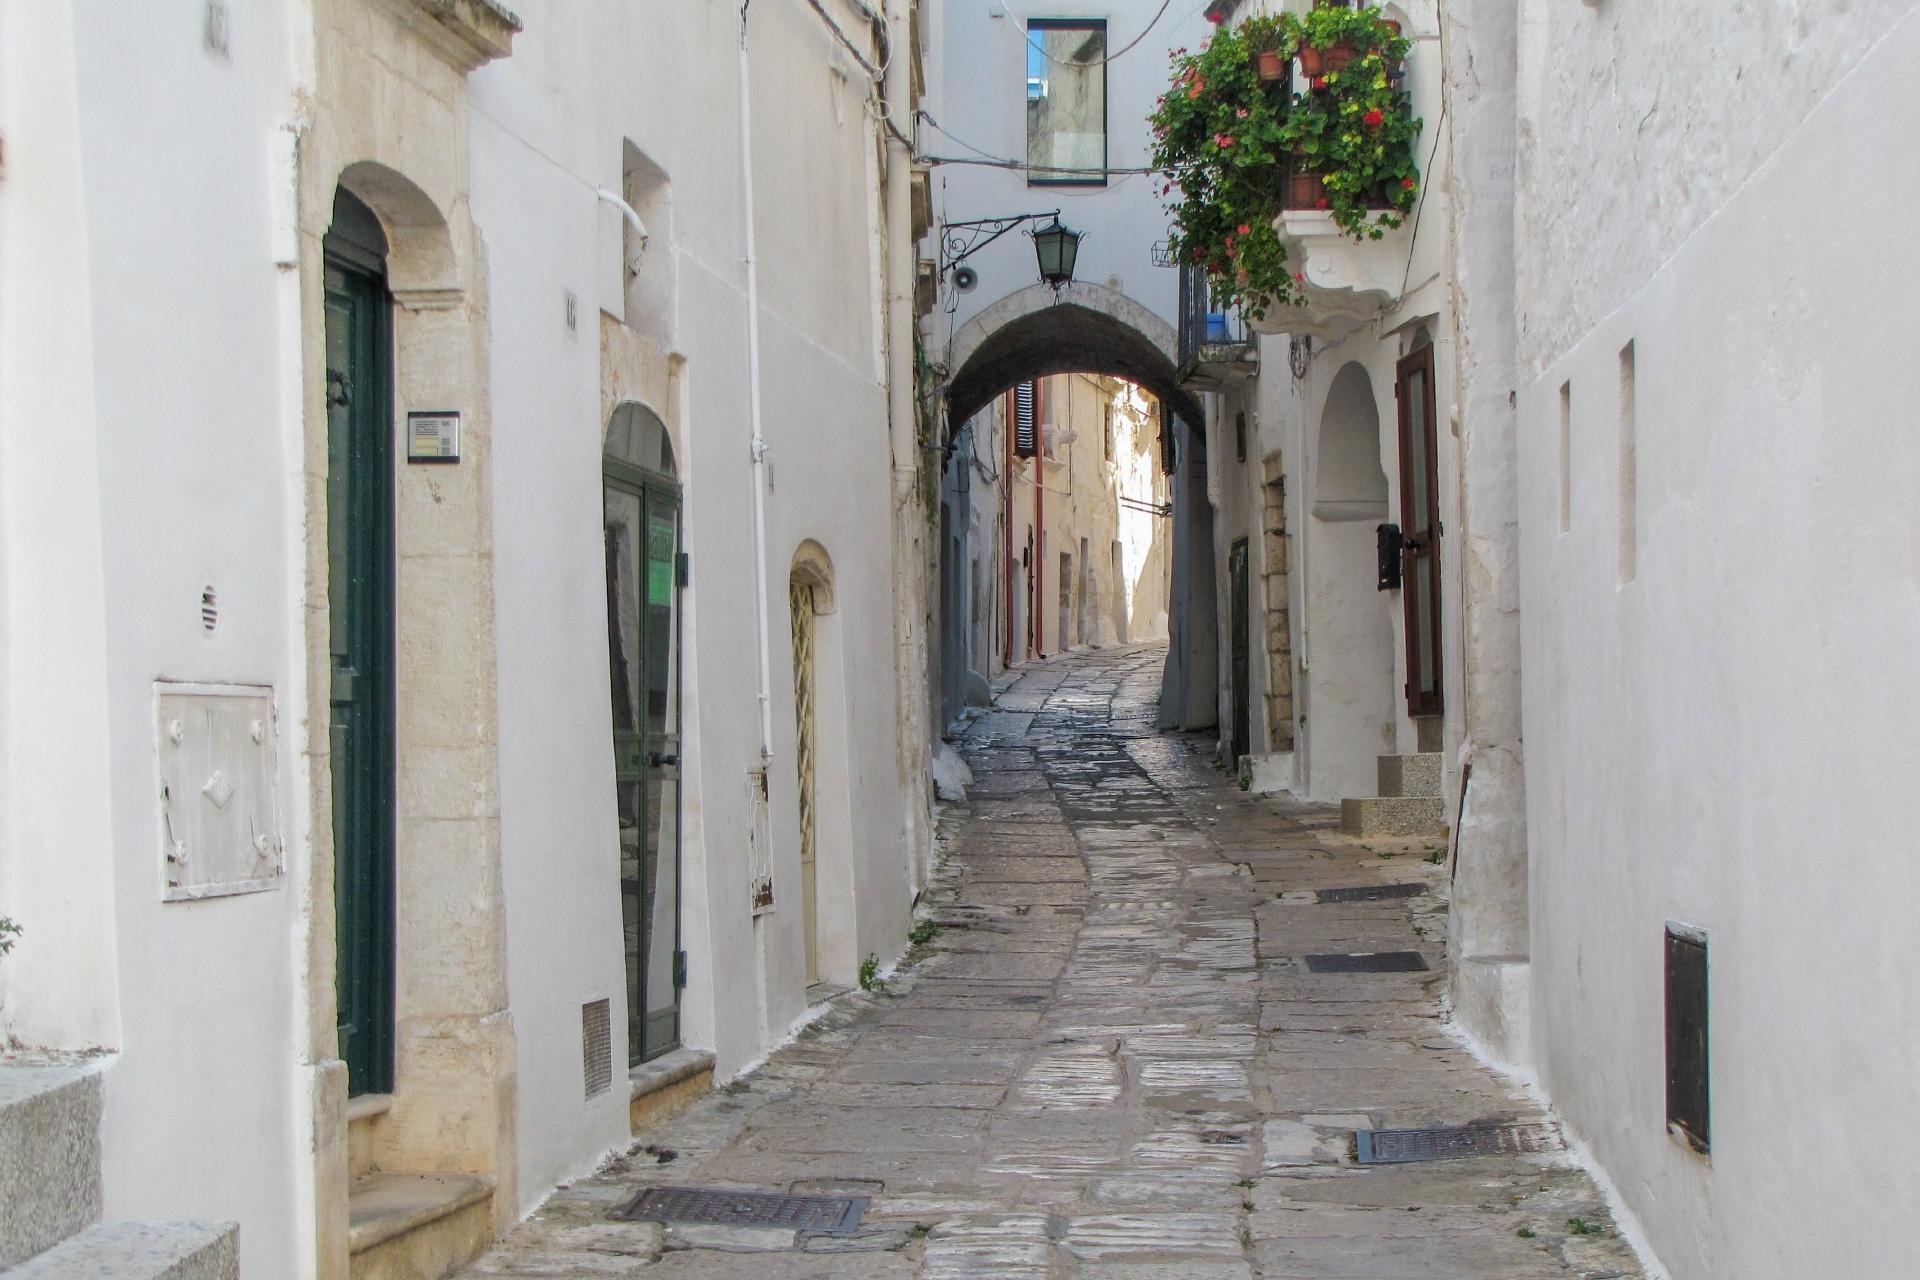 イタリア オストゥーニの路地